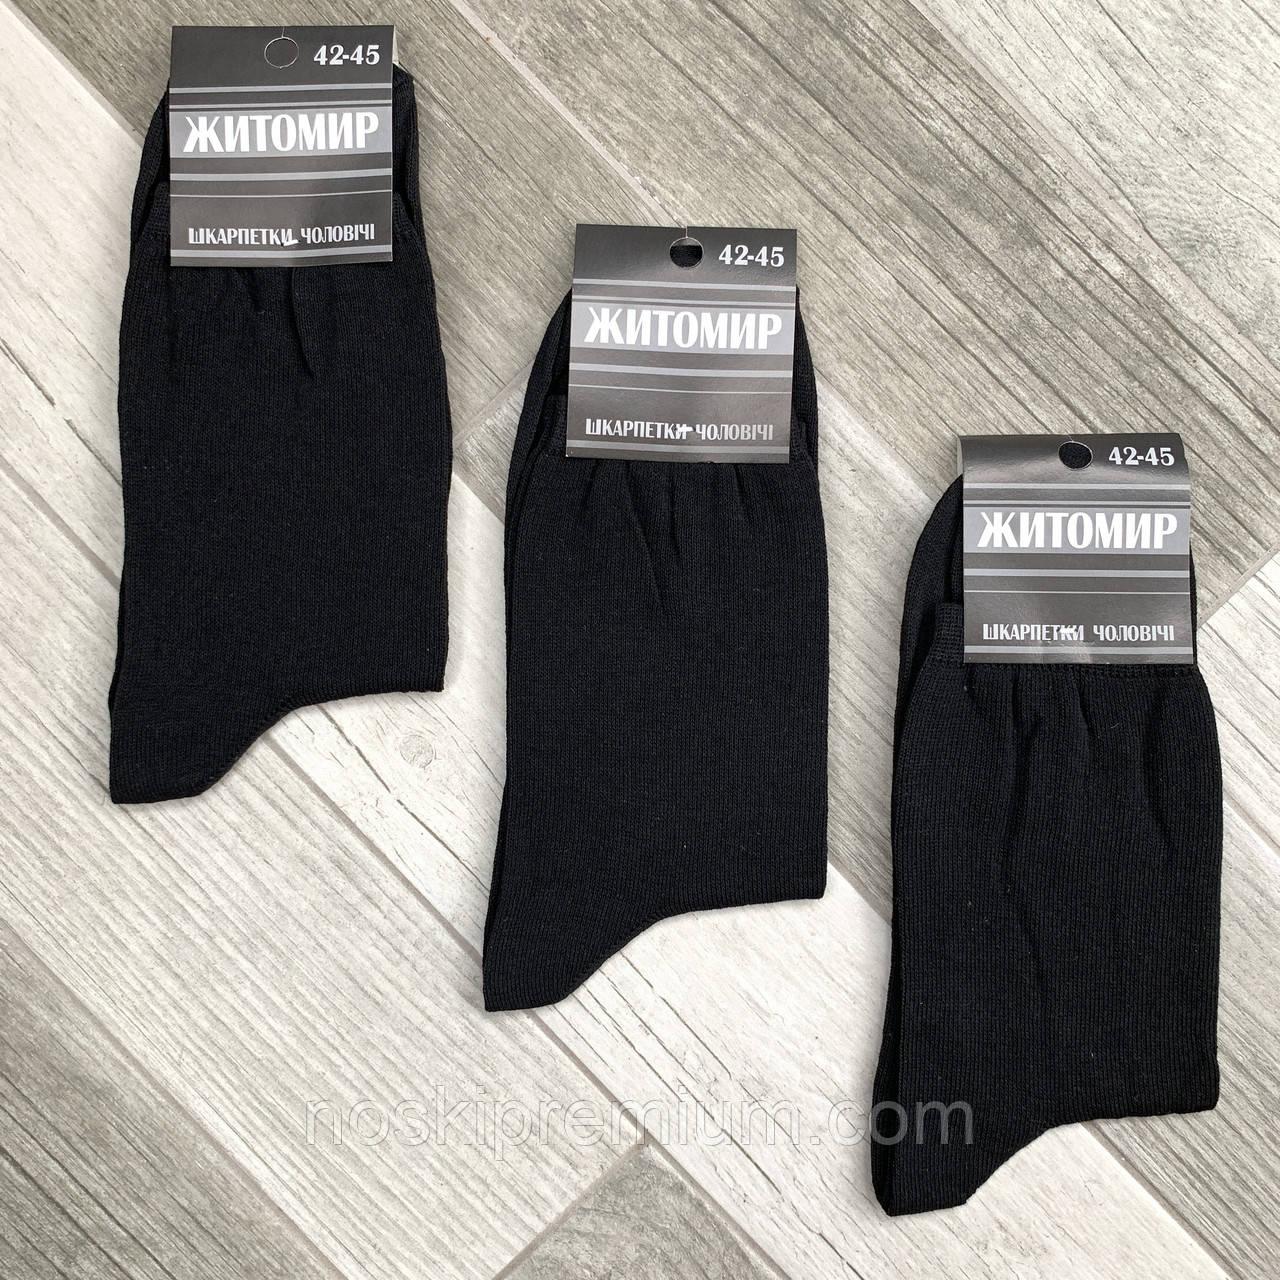 Носки мужские демисезонные гладкие хлопок Житомир, 42-45 размер, чёрные, 014-008